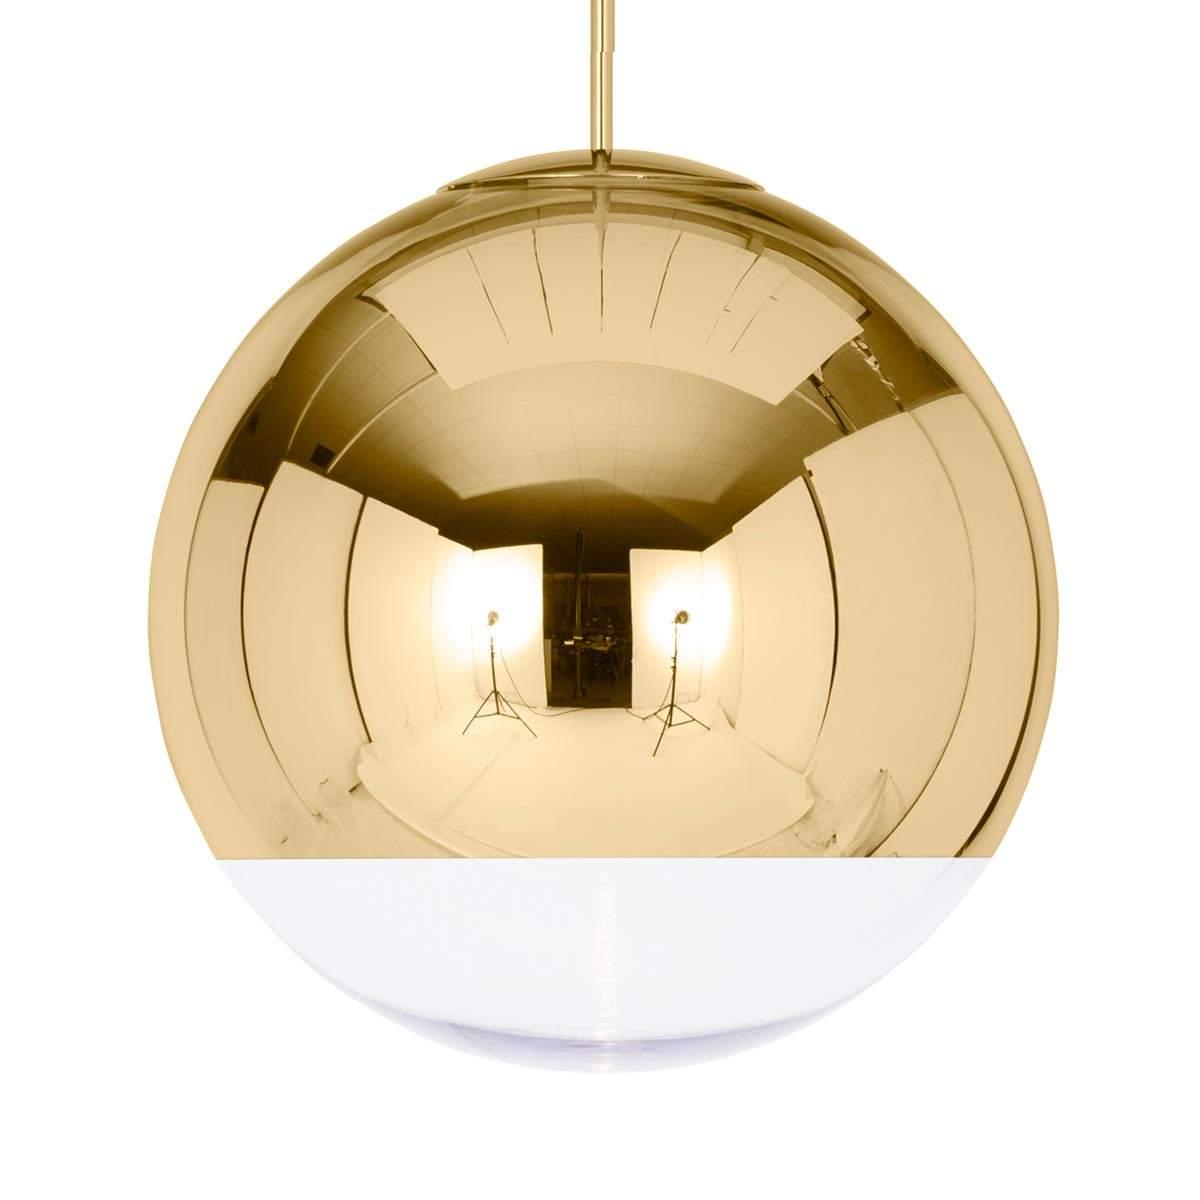 Lampada sosp dorata lucida Mirror Ball 50 cm Illuminazione per interni